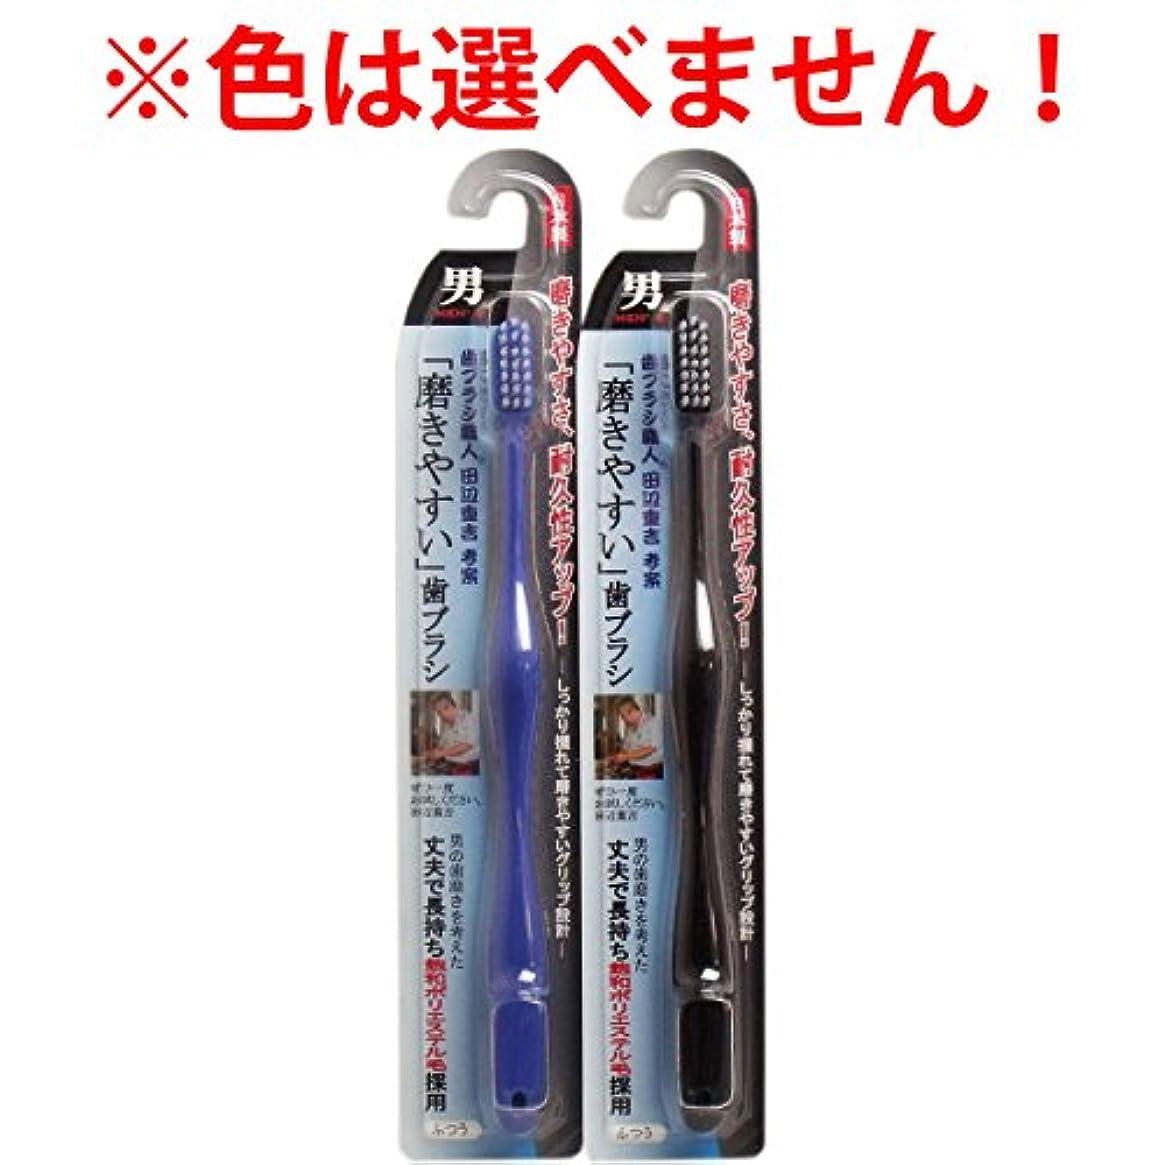 プログラム弾薬優遇ライフレンジ 「磨きやすい」歯ブラシ男 LT-08 1本